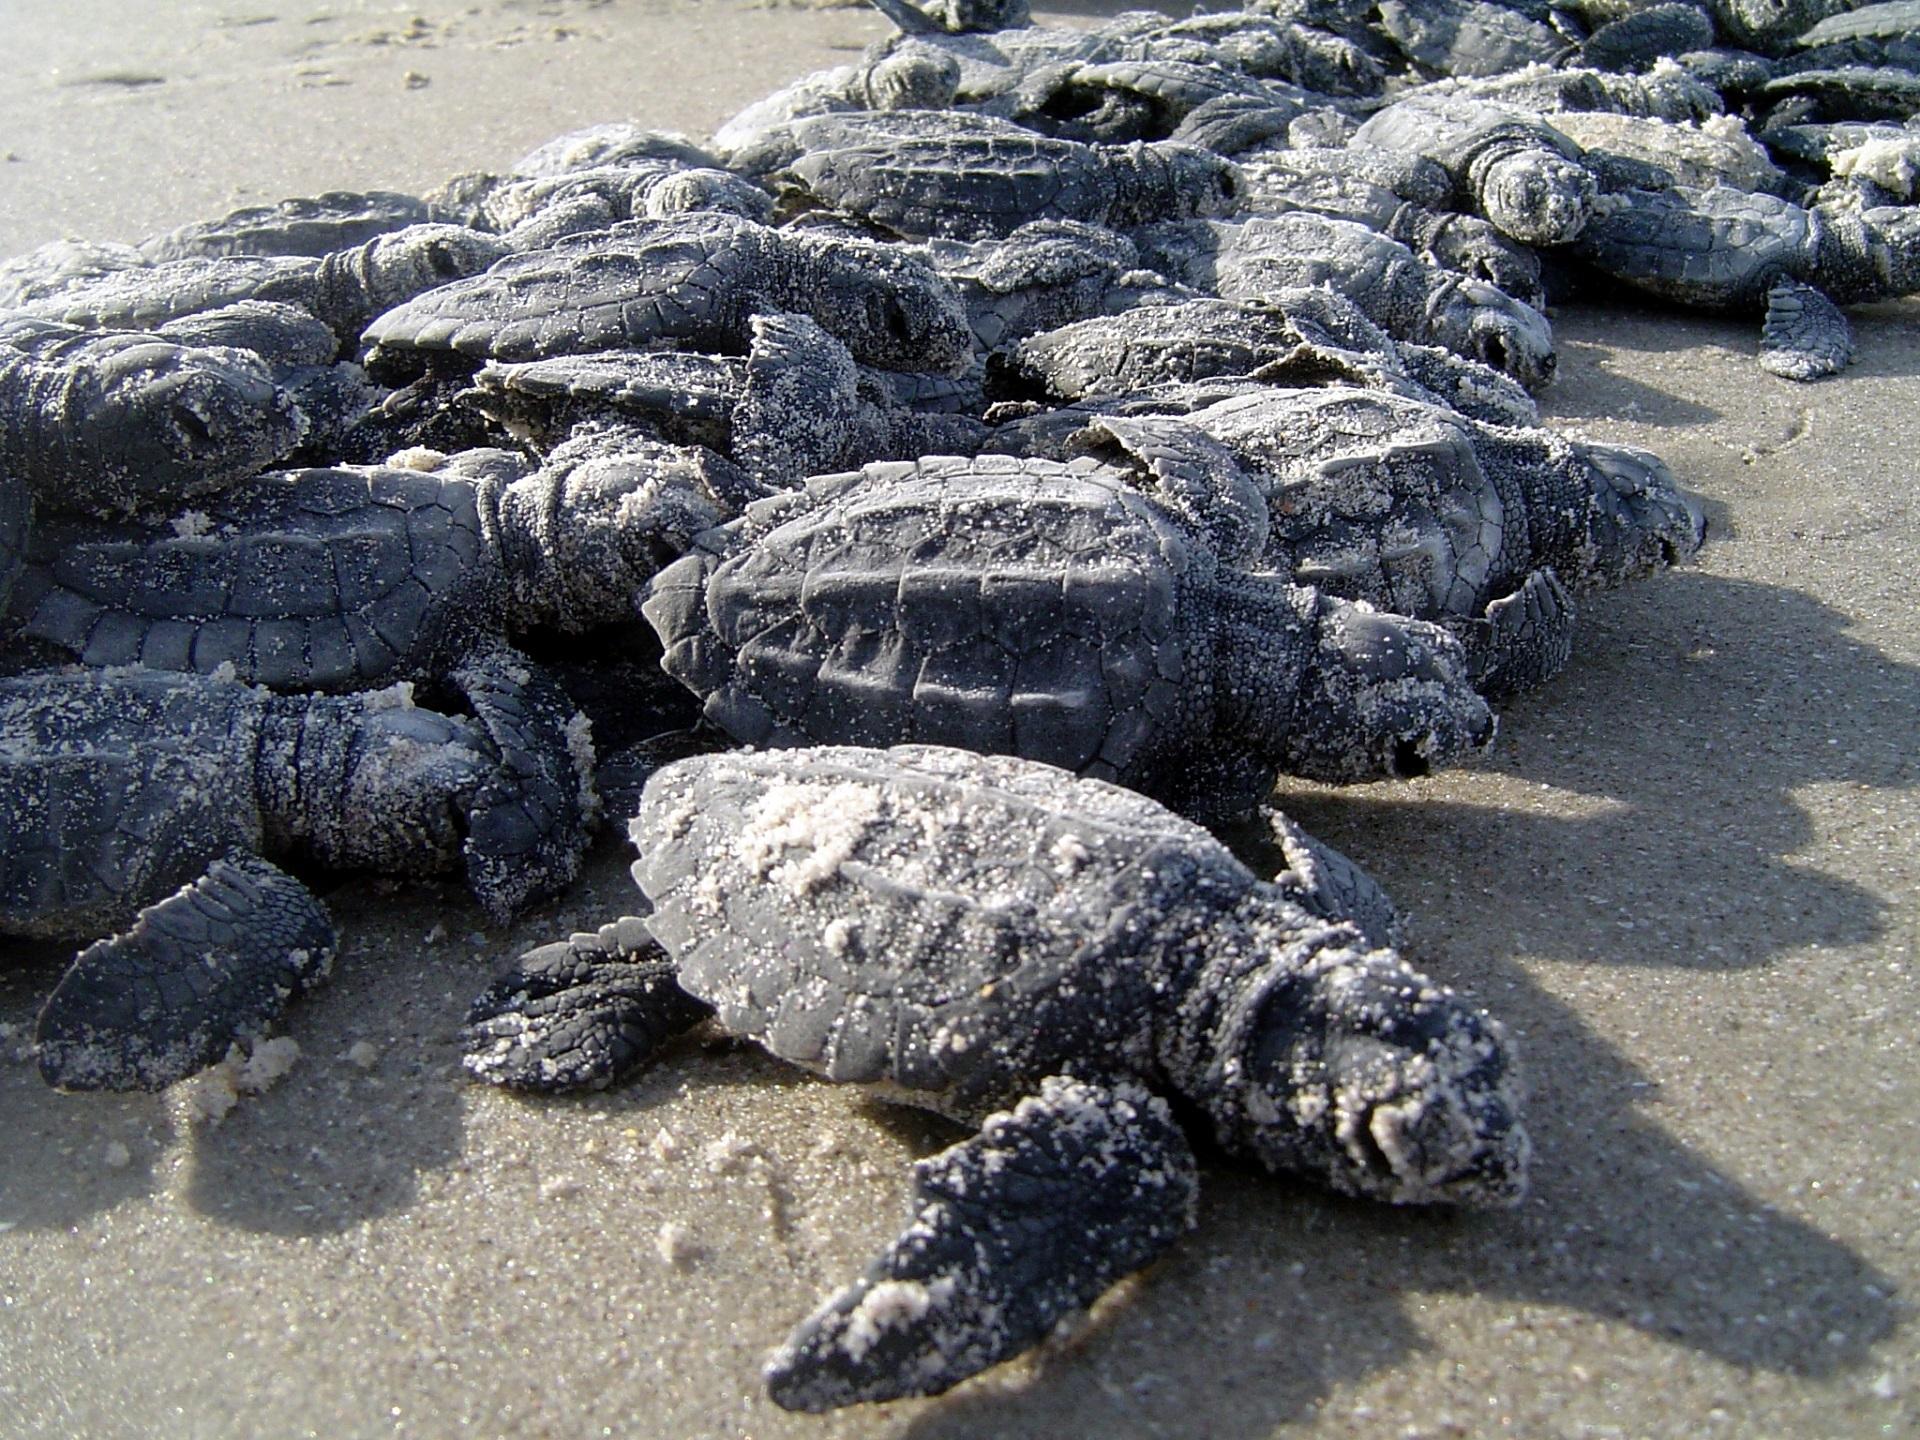 Sea turtles photo